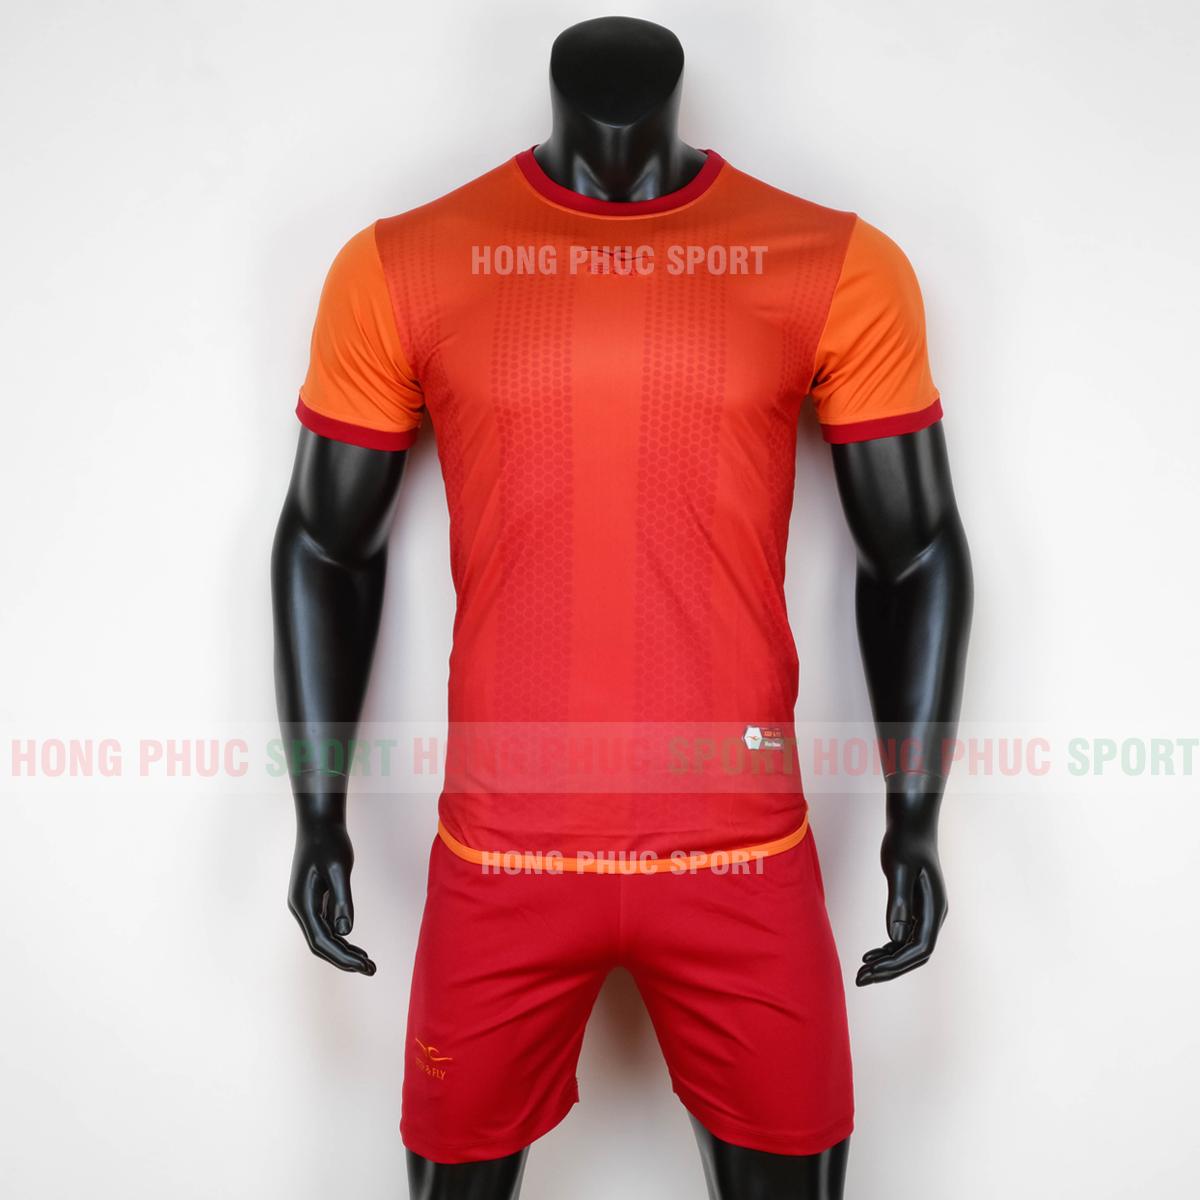 https://cdn.hongphucsport.com/unsafe/cdn.hongphucsport.com/dothethao.net.vn/wp-content/uploads/2019/12/ao-bong-da-khong-logo-horizon-keep-fly-2020-mau-do.png